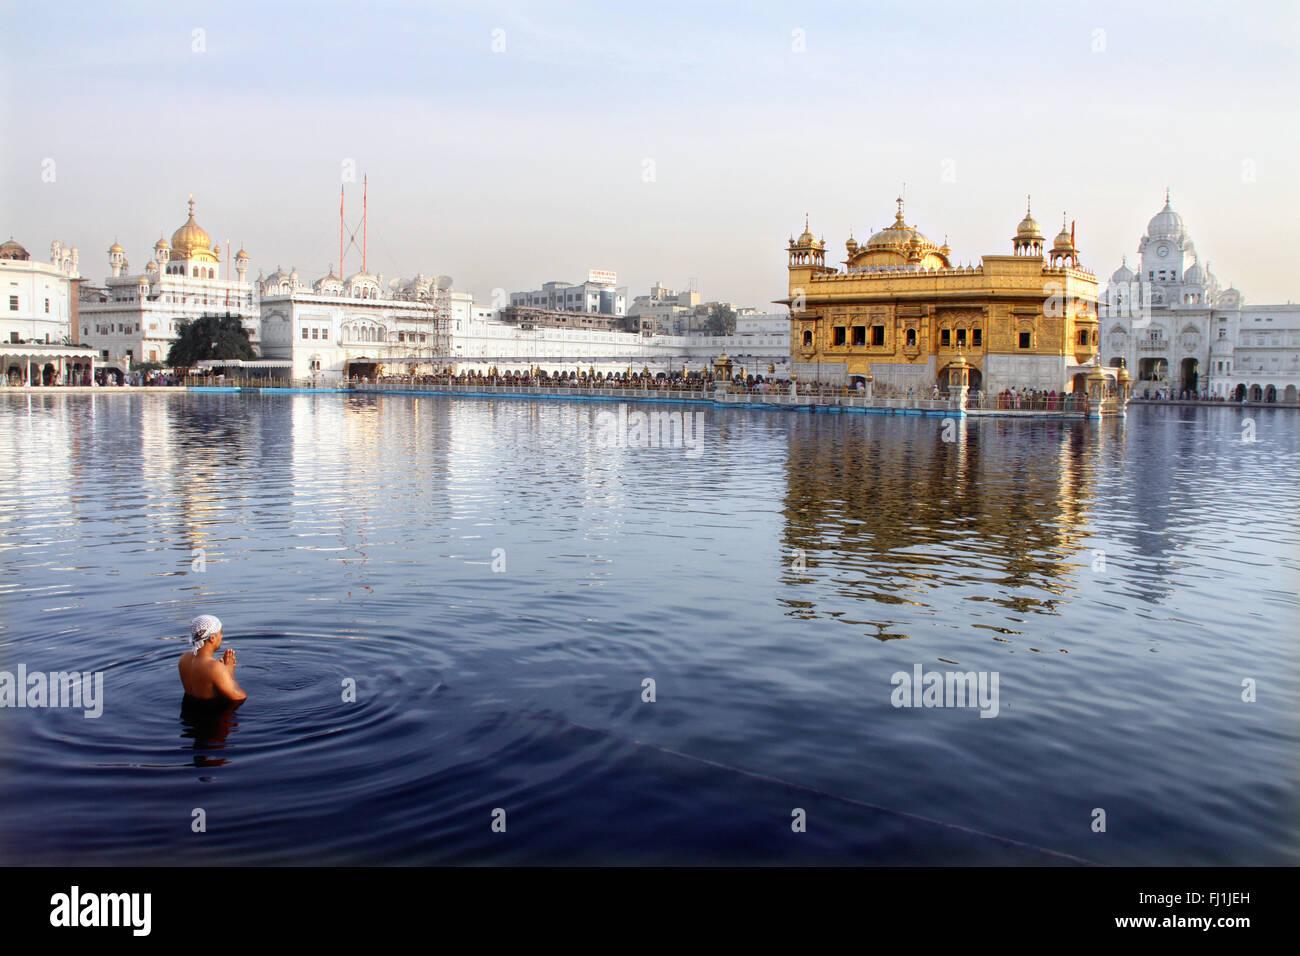 Un sikh prie dans le lac autour du Golden Temple, Amritsar, Inde Photo Stock